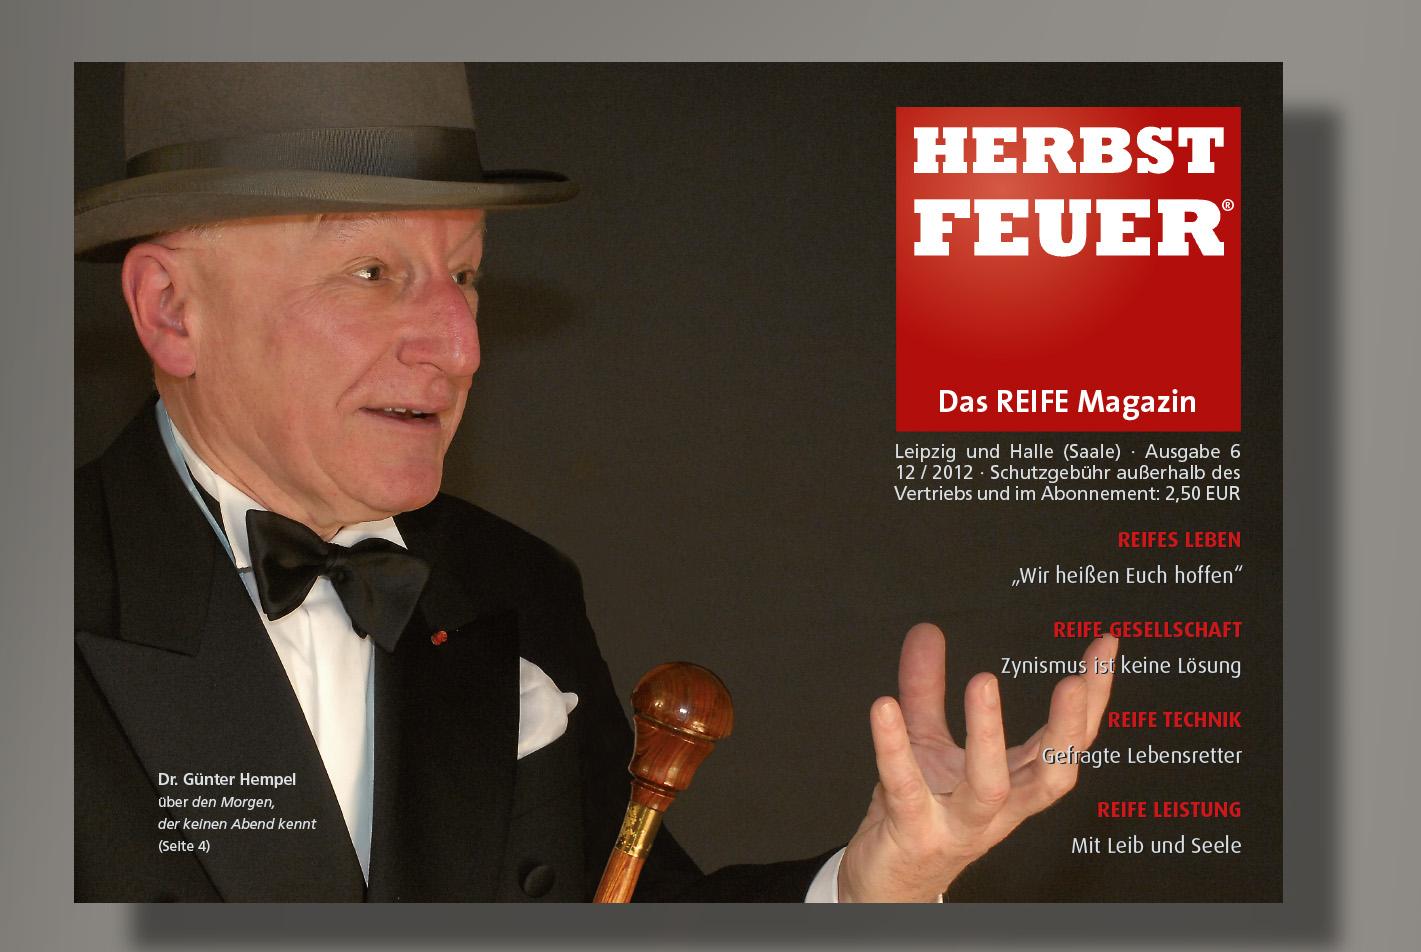 HERBSTFEUER – Das REIFE Magazin für Leipzig und Halle (Saale); Ausgabe 6